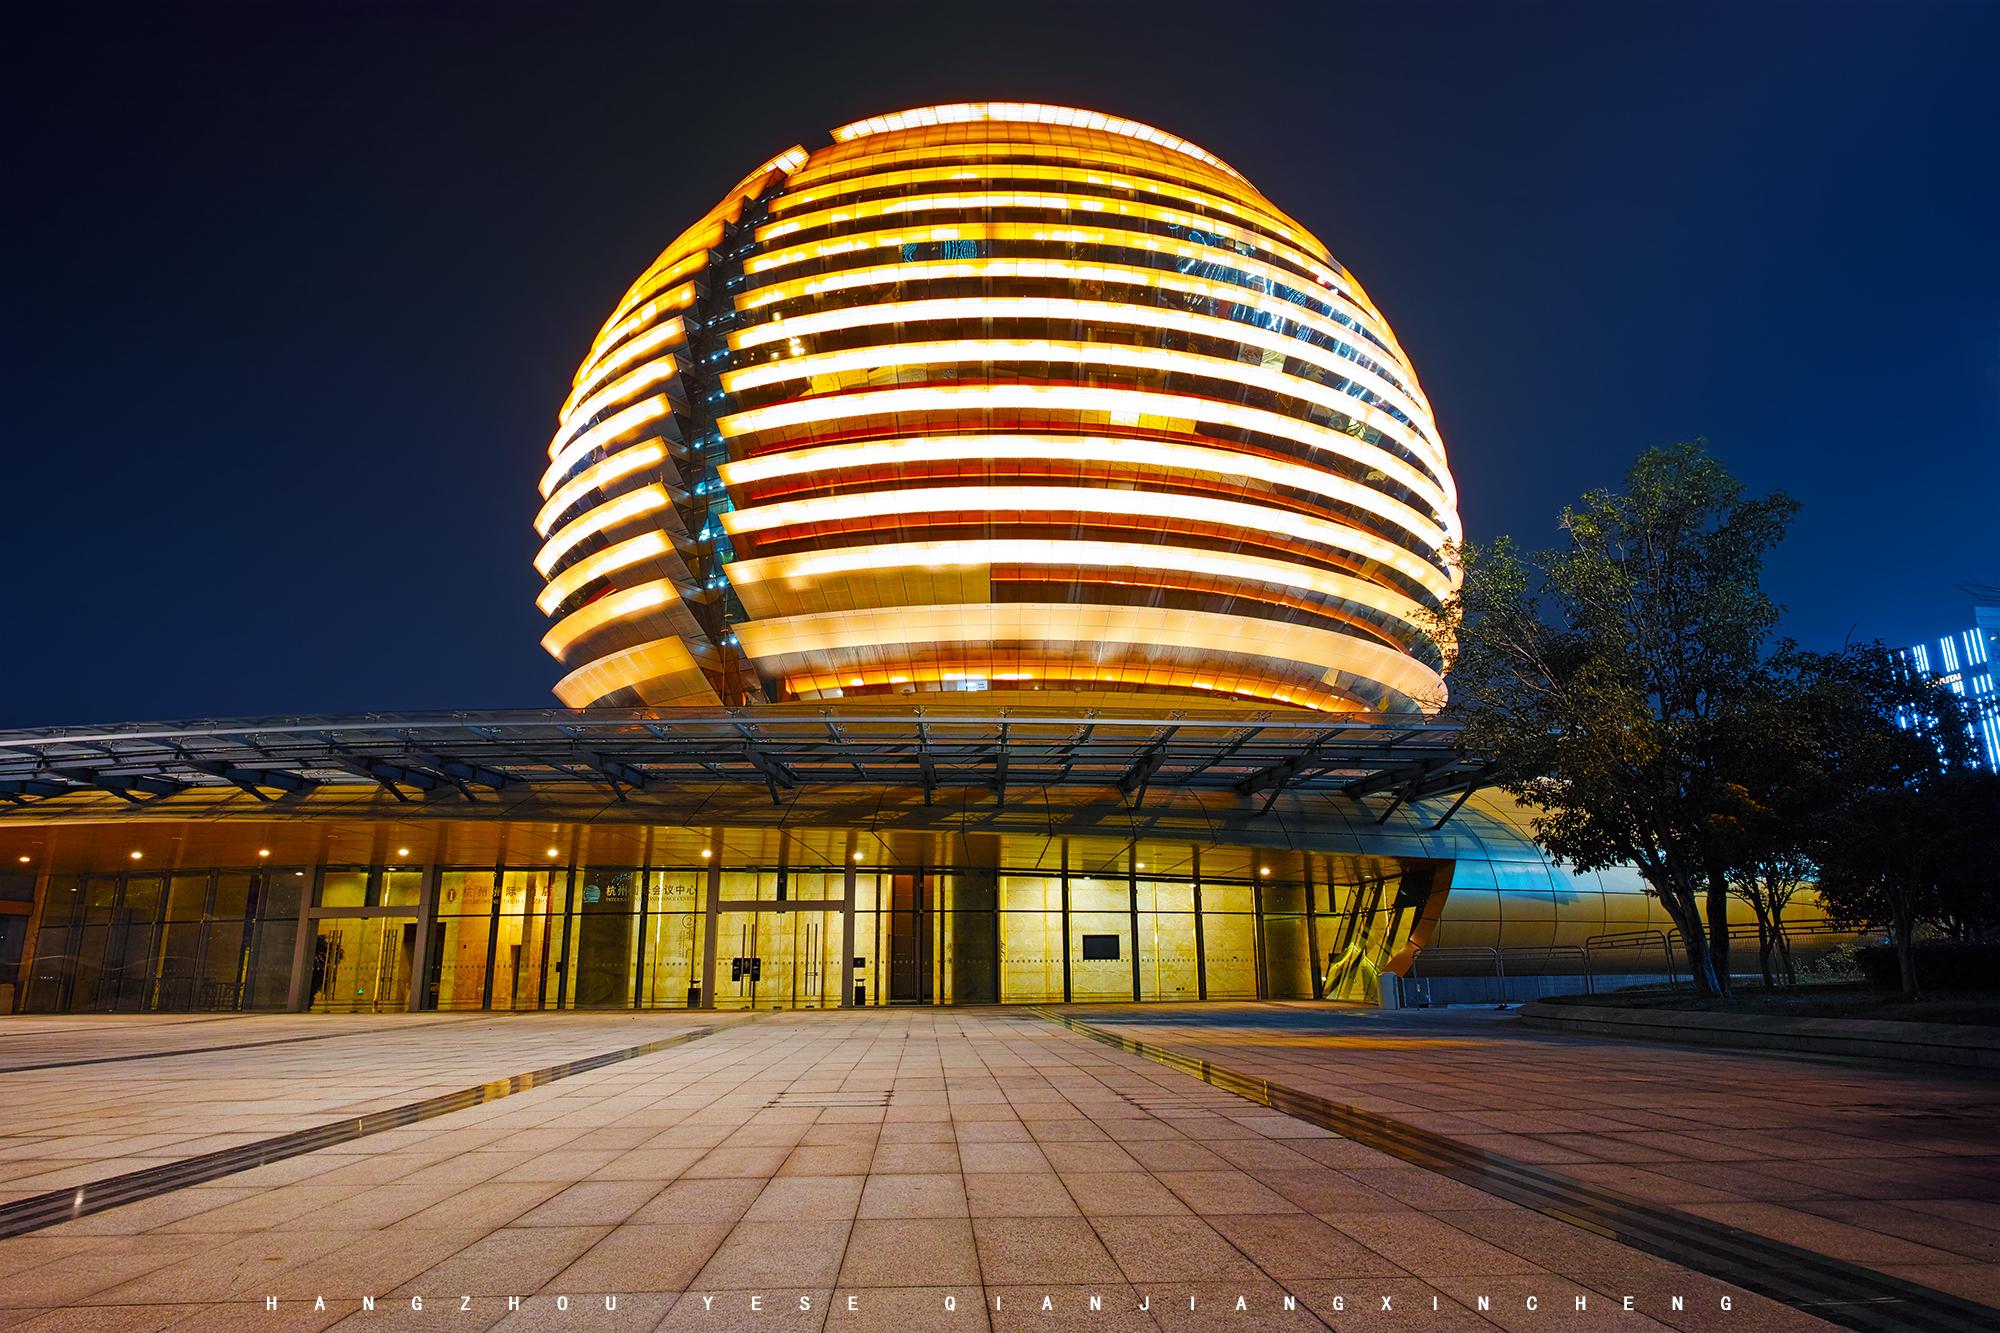 图为钱江新城的杭州国际会议中心侧面,大金球,地标建筑